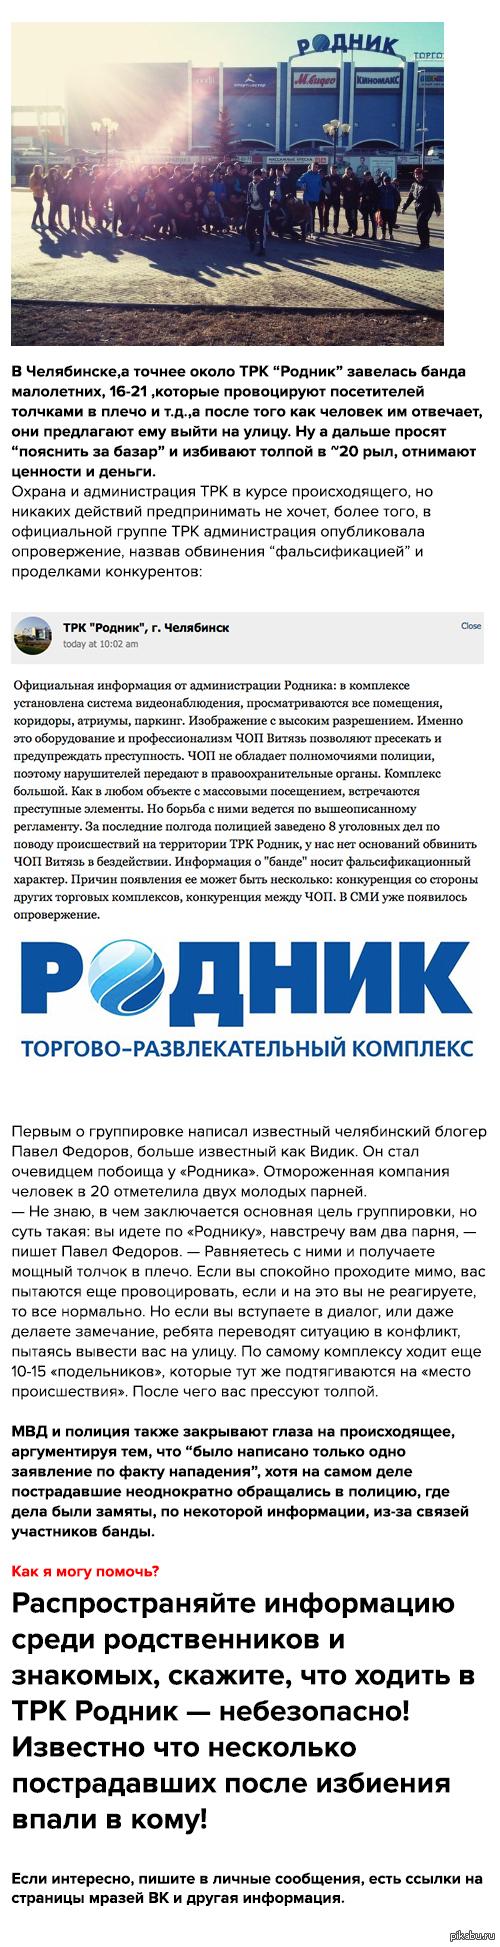 """В Челябинске орудует банда мразей, избивающих посетителей ТРК """"Родник"""""""